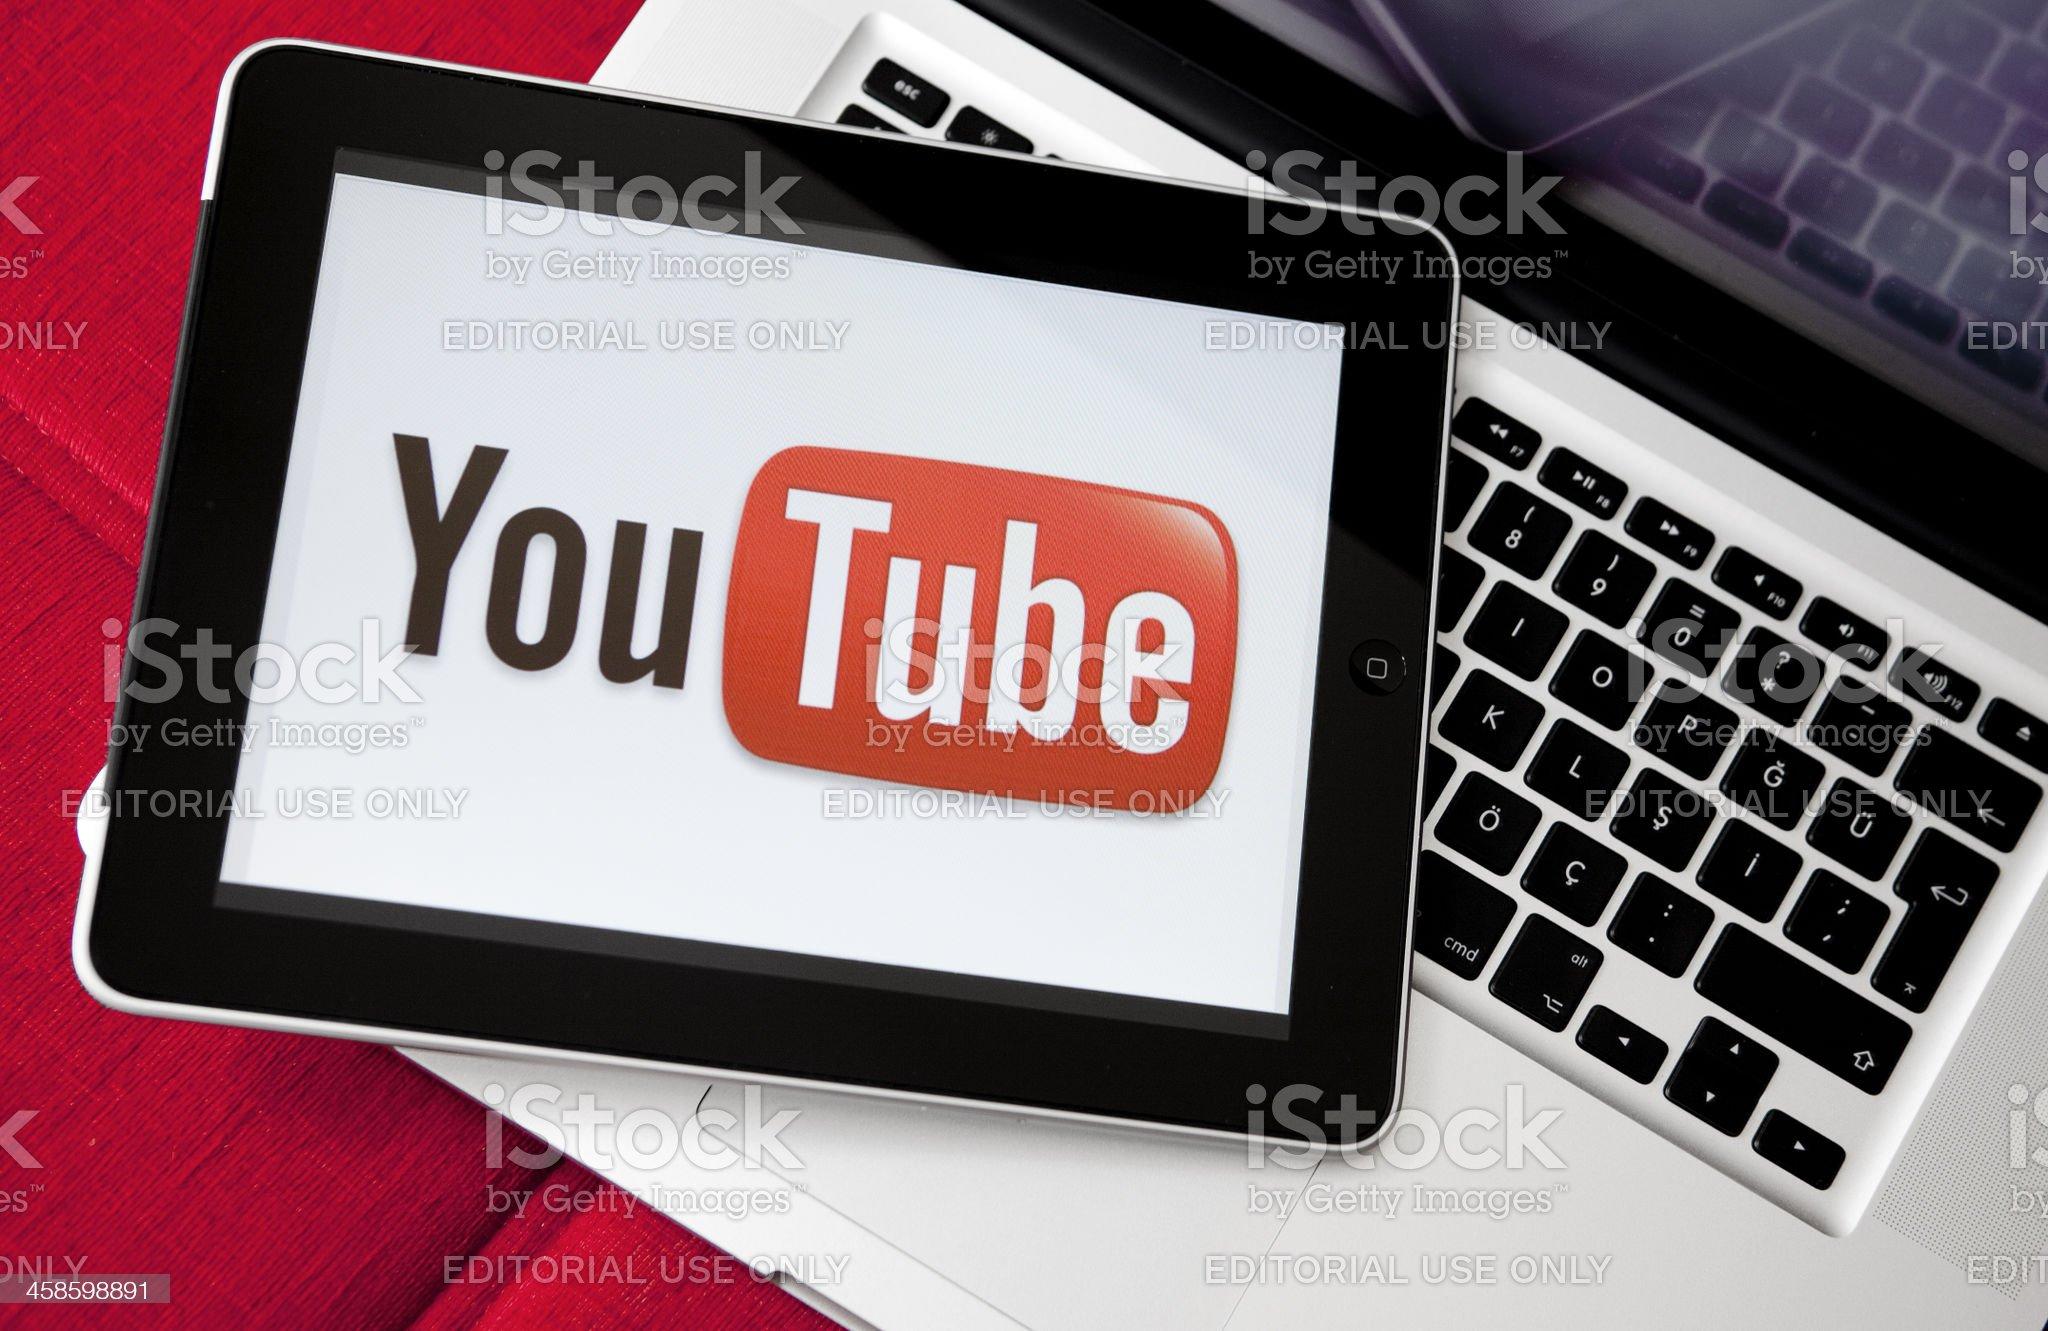 Youtube logo on iPad screen royalty-free stock photo